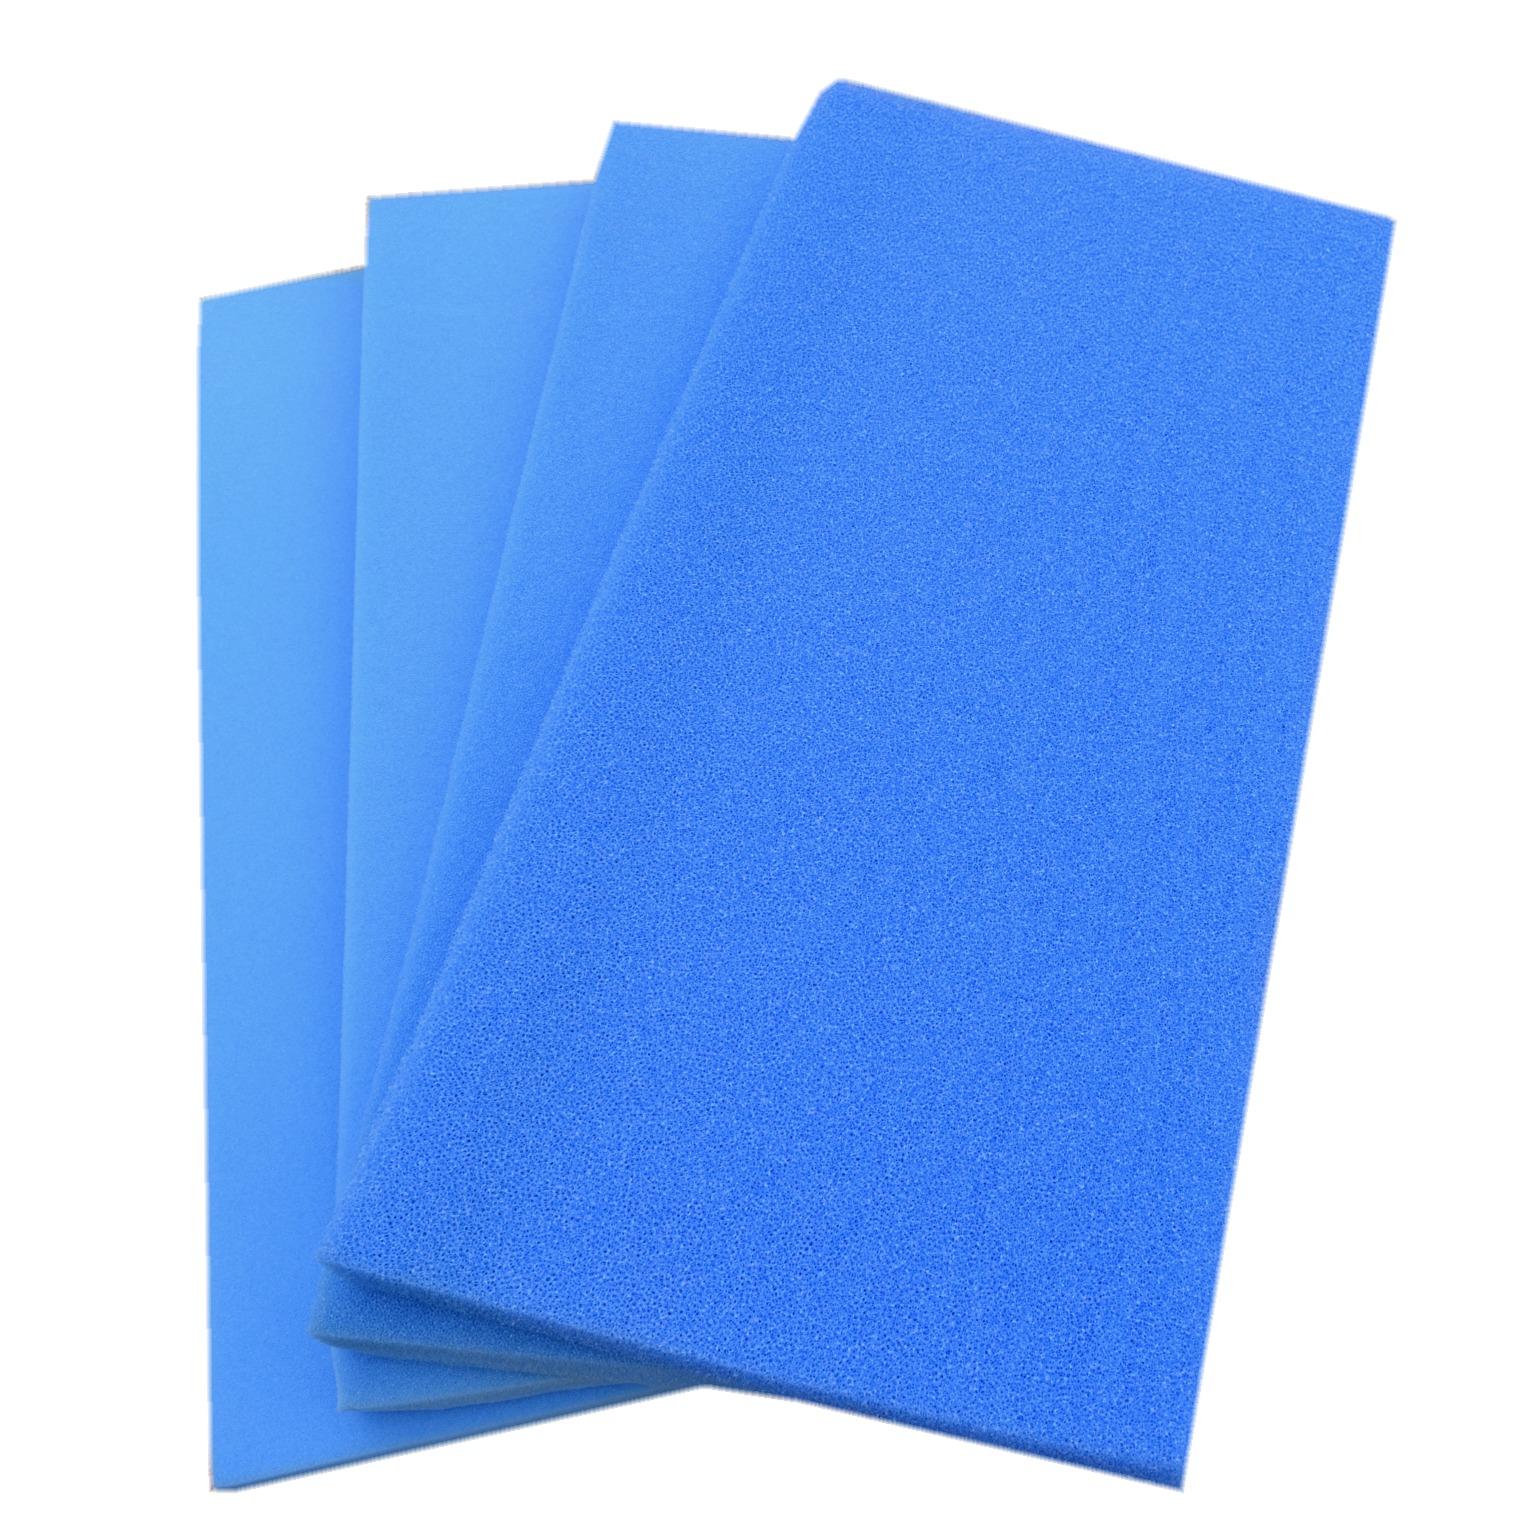 Plaque de mousse 100 x 50 x 5 cm pour filtration 4 modèles : fine, moyenne, grosse, très grosse